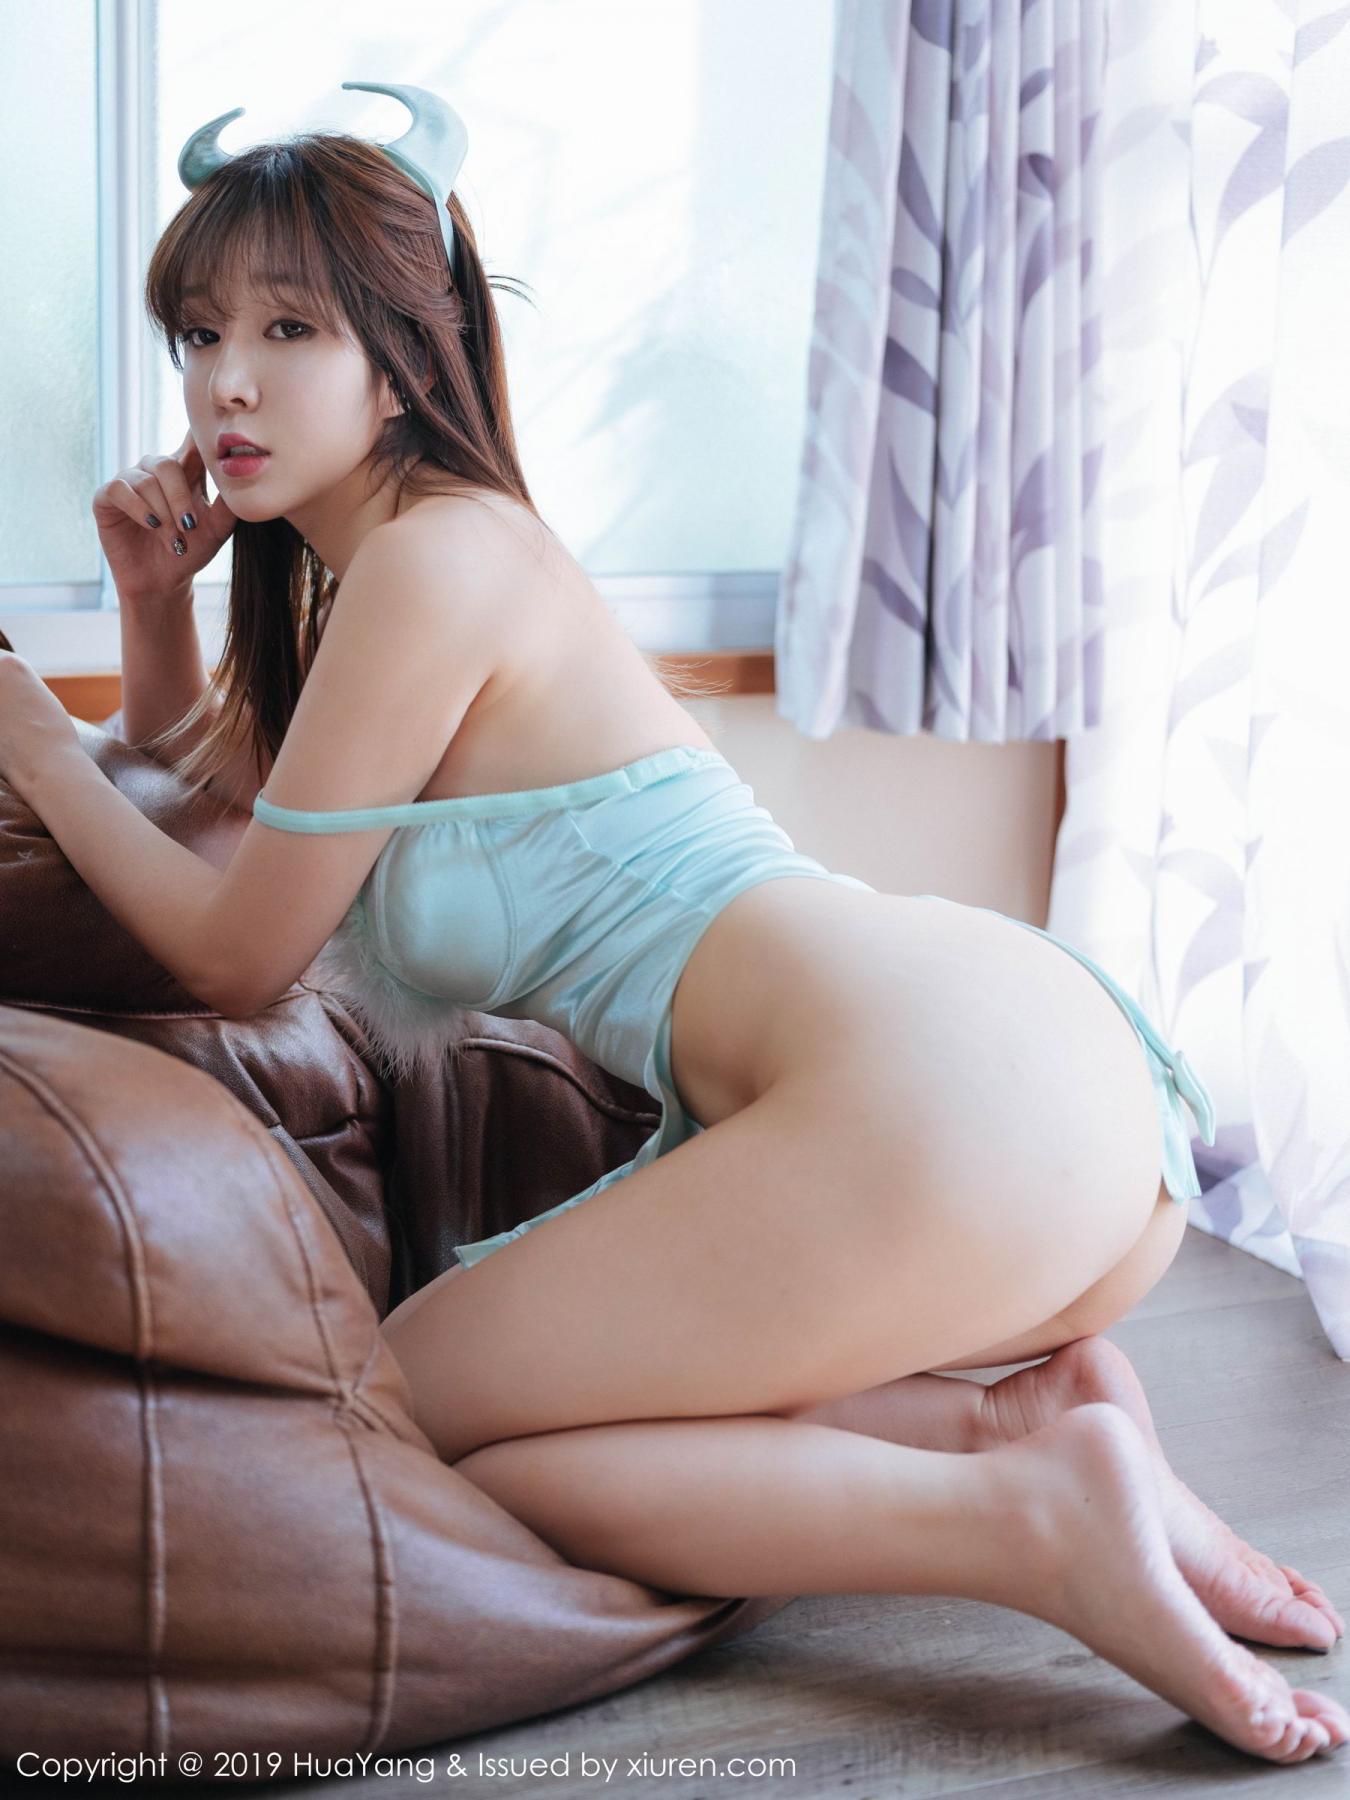 [Huayang] Vol.120 Wang Yu Chun 25P, Adult, Big Booty, HuaYang, Underwear, Wang Yu Chun